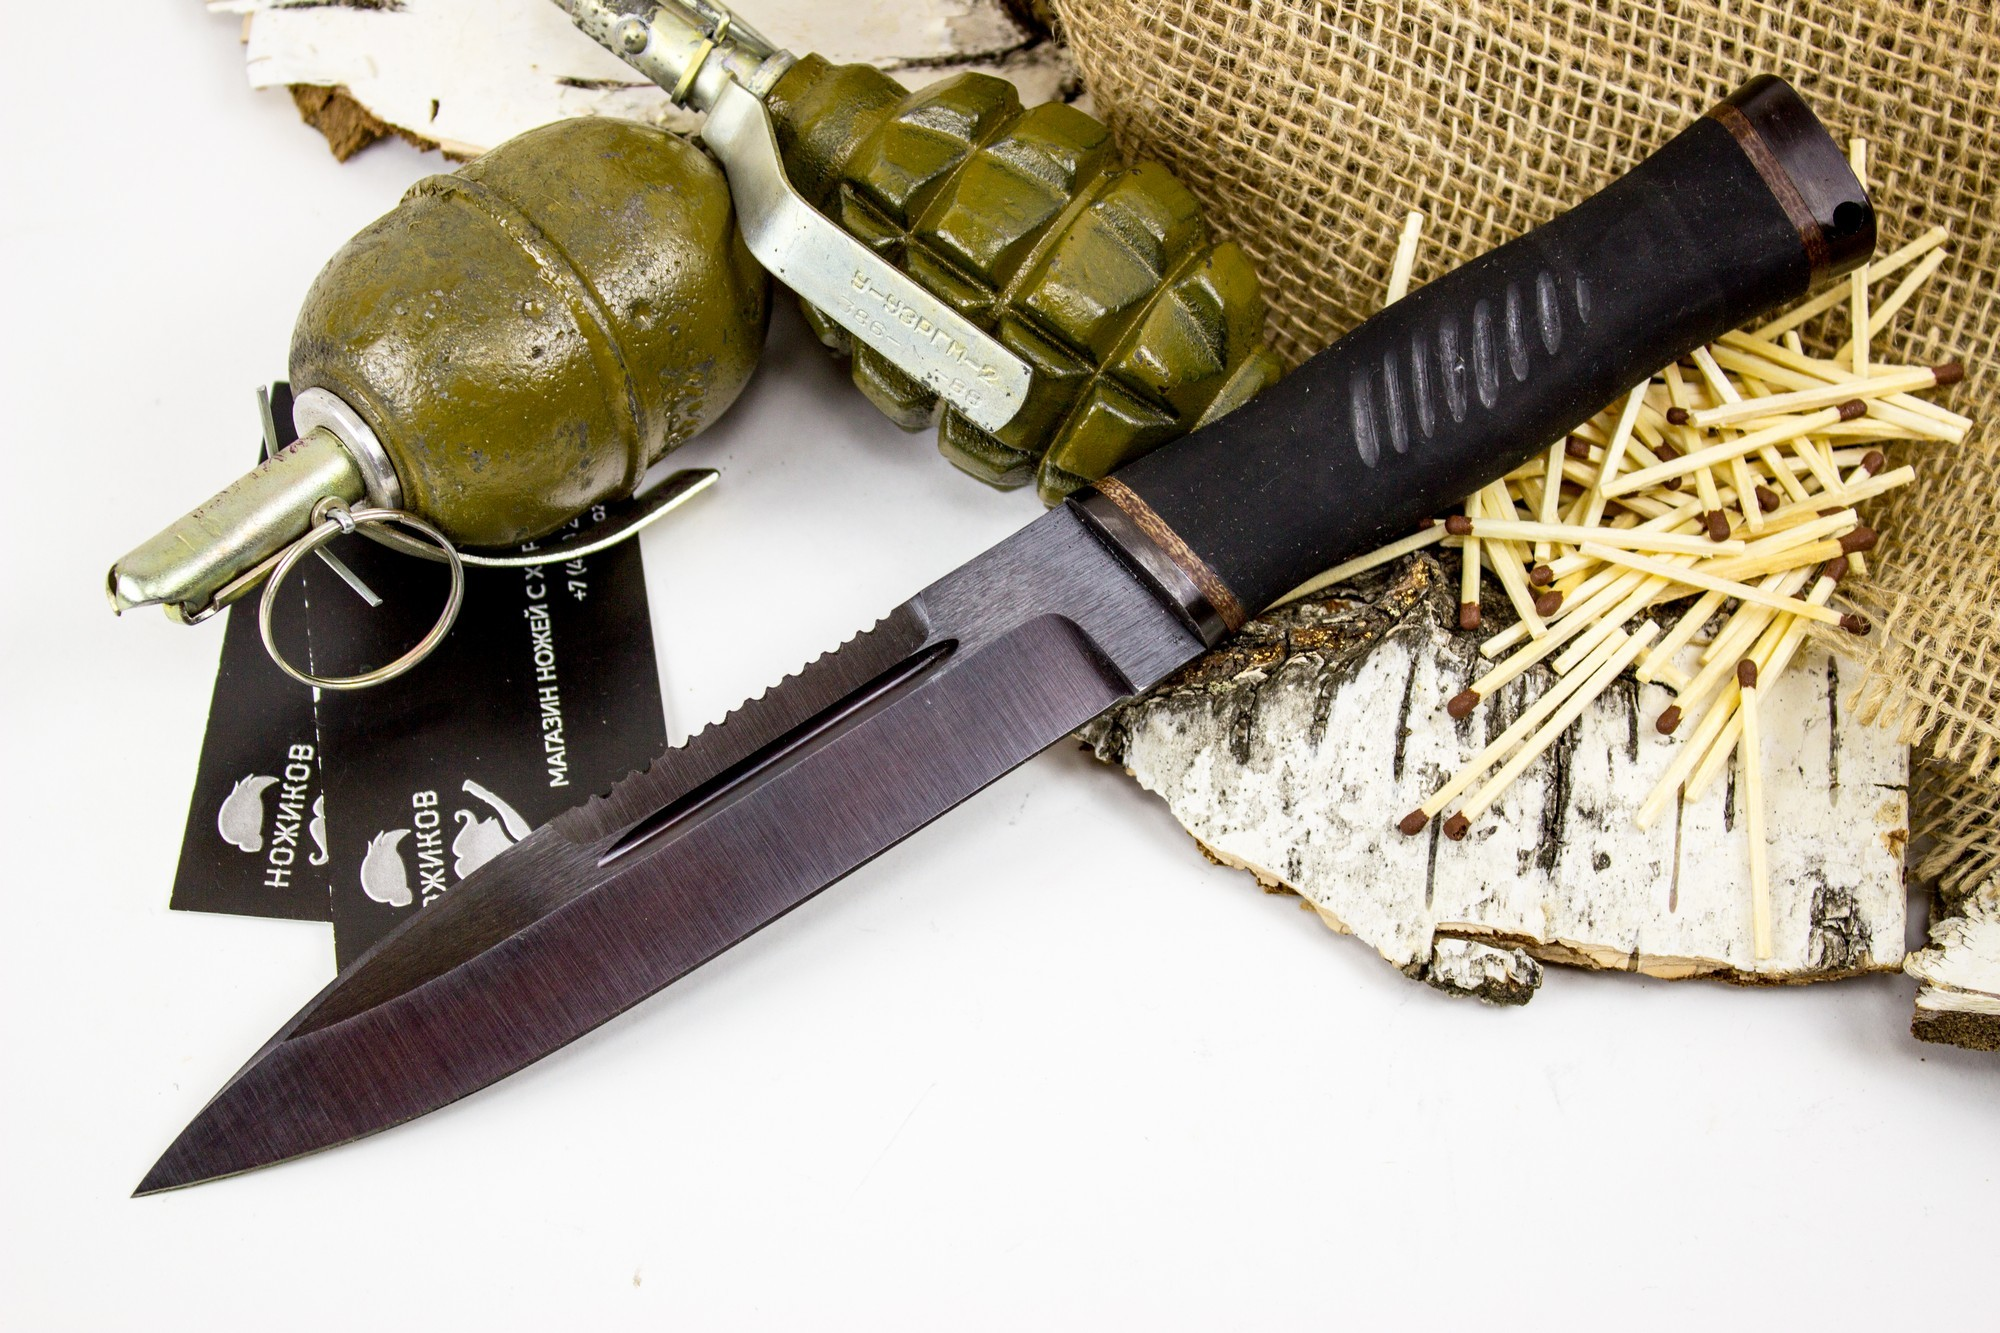 Фото 5 - Нож Казак-2, сталь 65Г, резина от Титов и Солдатова